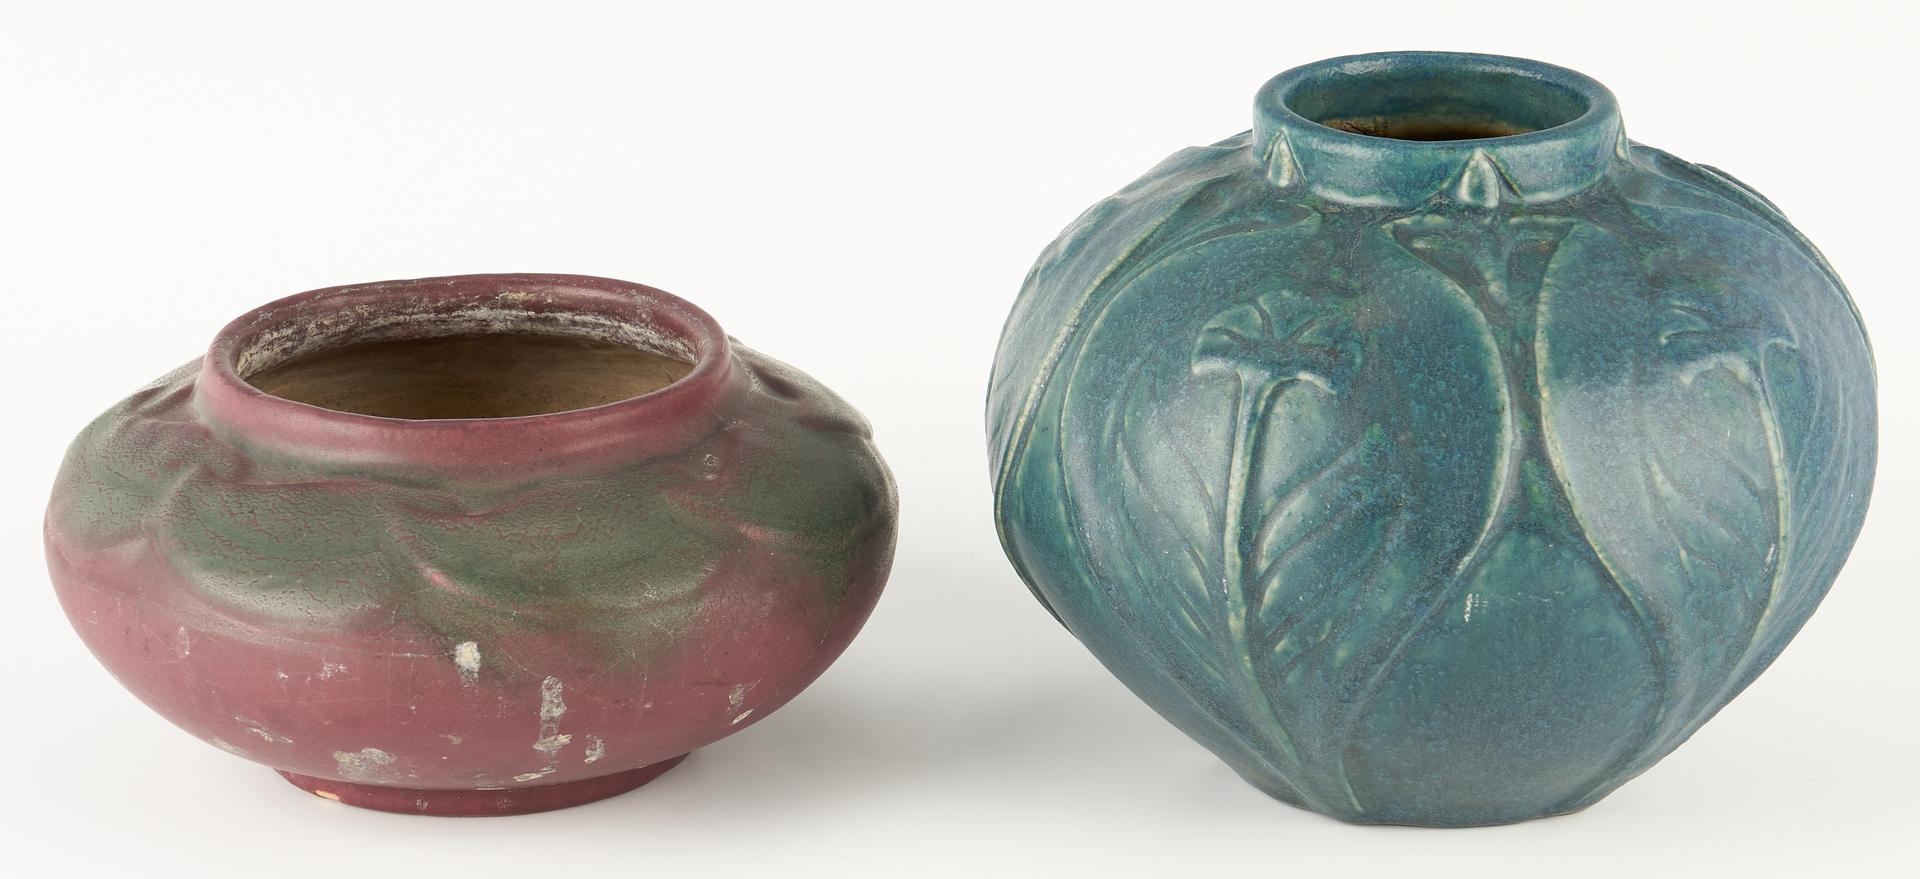 Lot 528: 2 Van Briggle Art Pottery Pieces